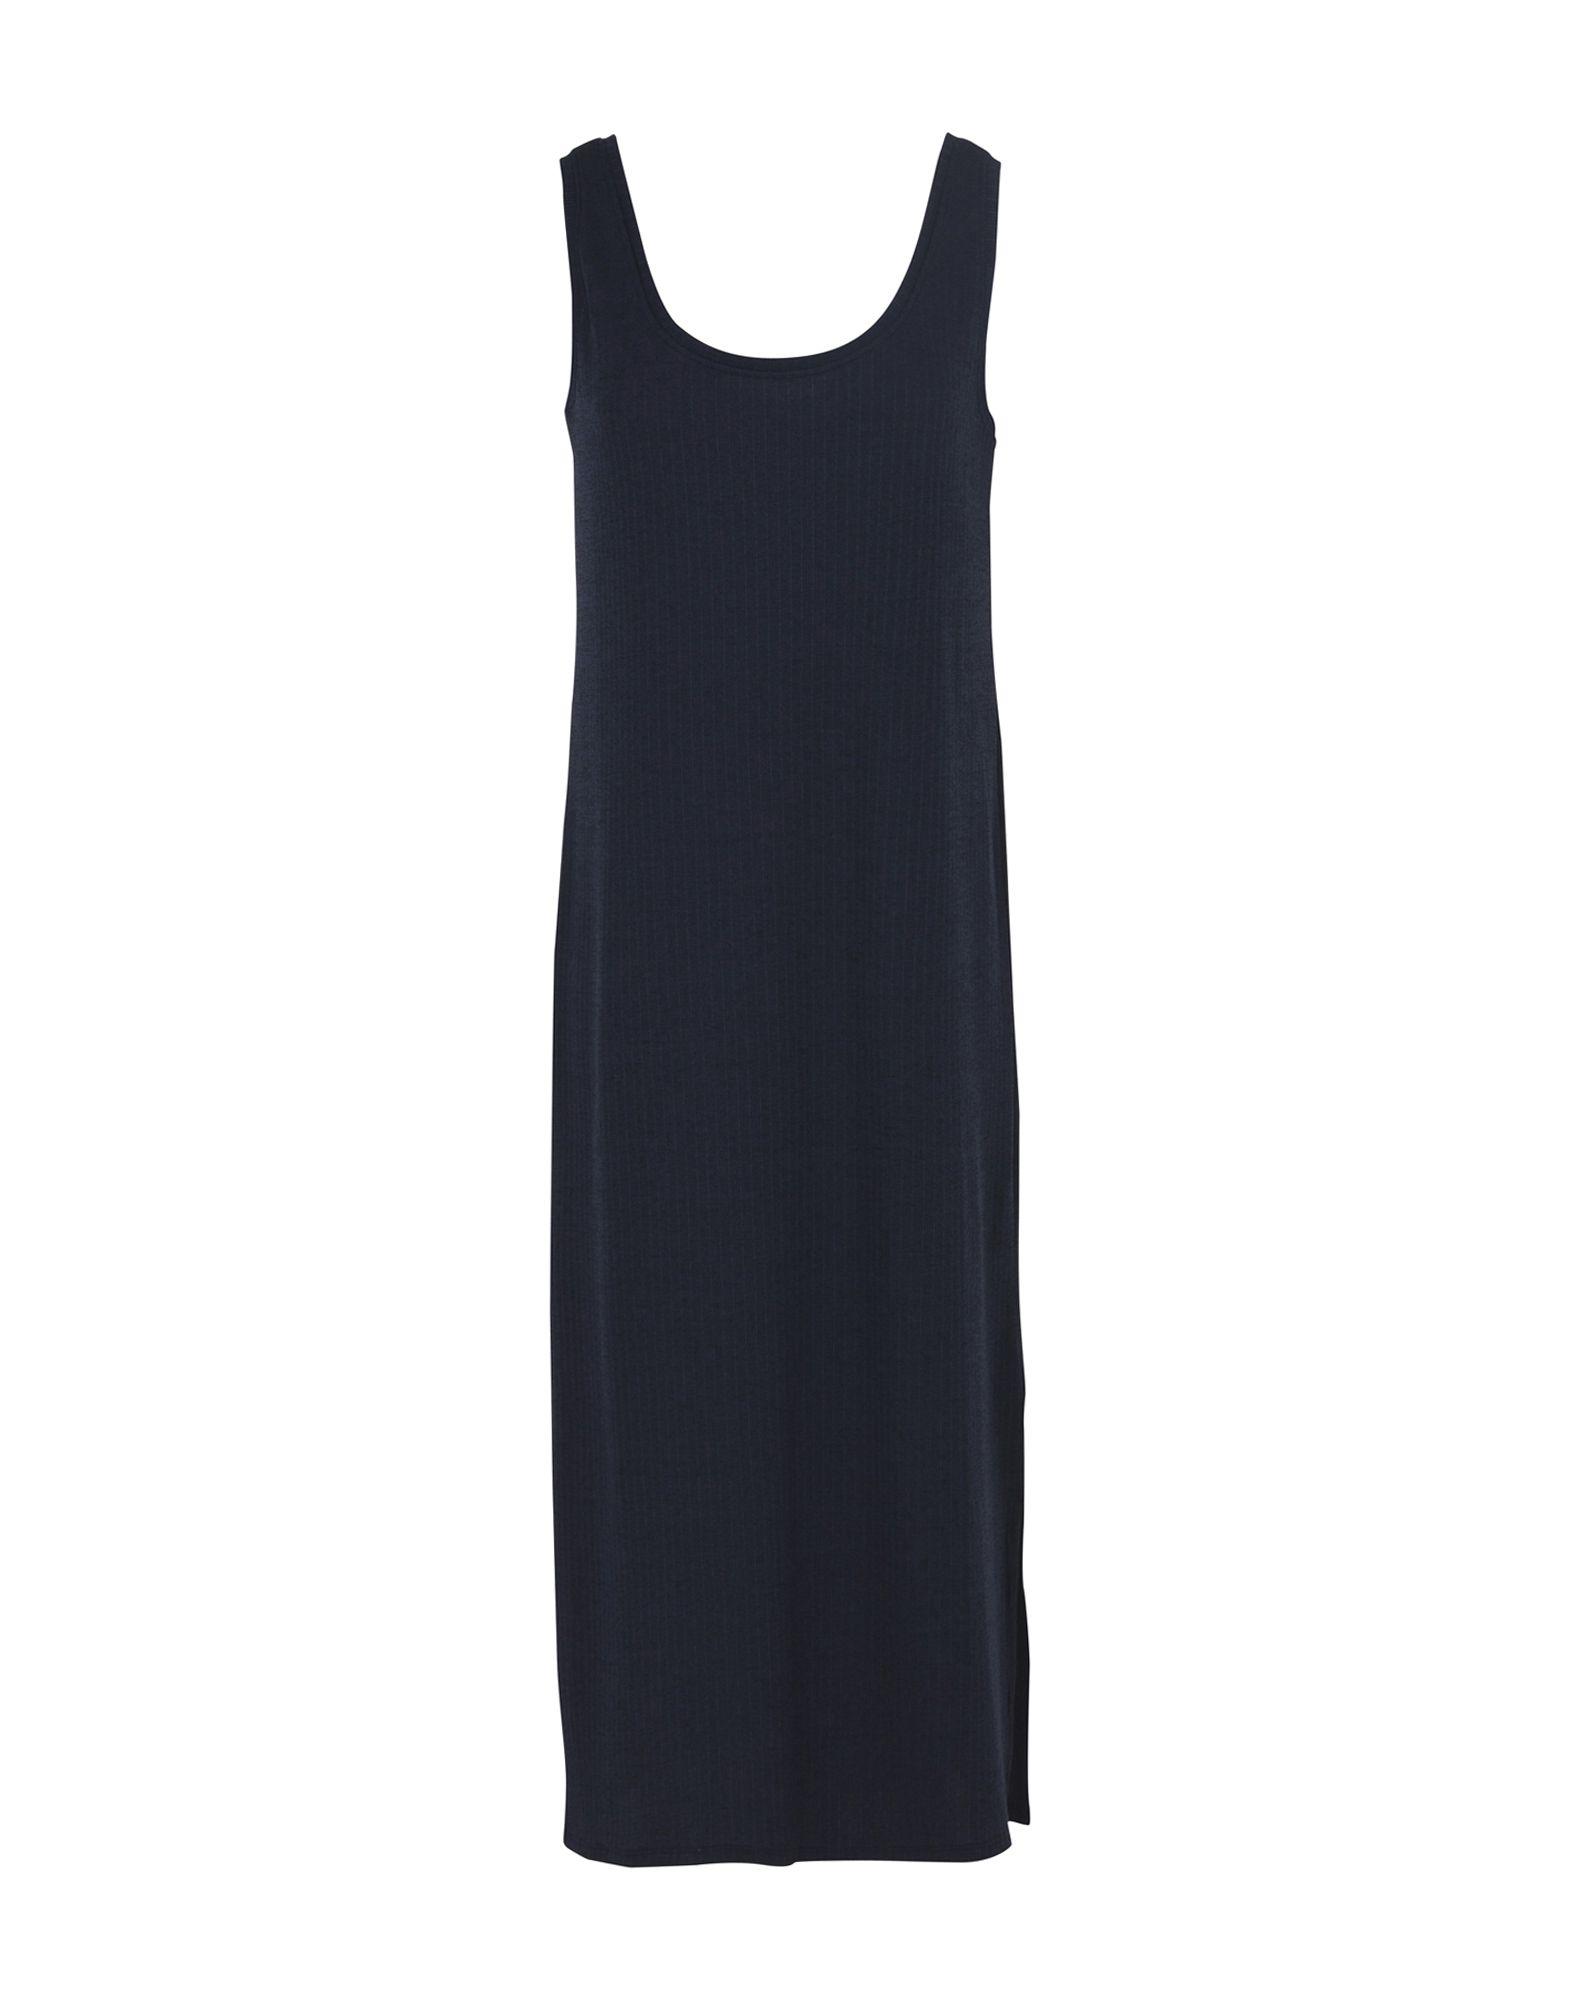 CALVIN KLEIN JEANS Платье длиной 3/4 кошелек calvin klein jeans calvin klein jeans ca939bwapqt1